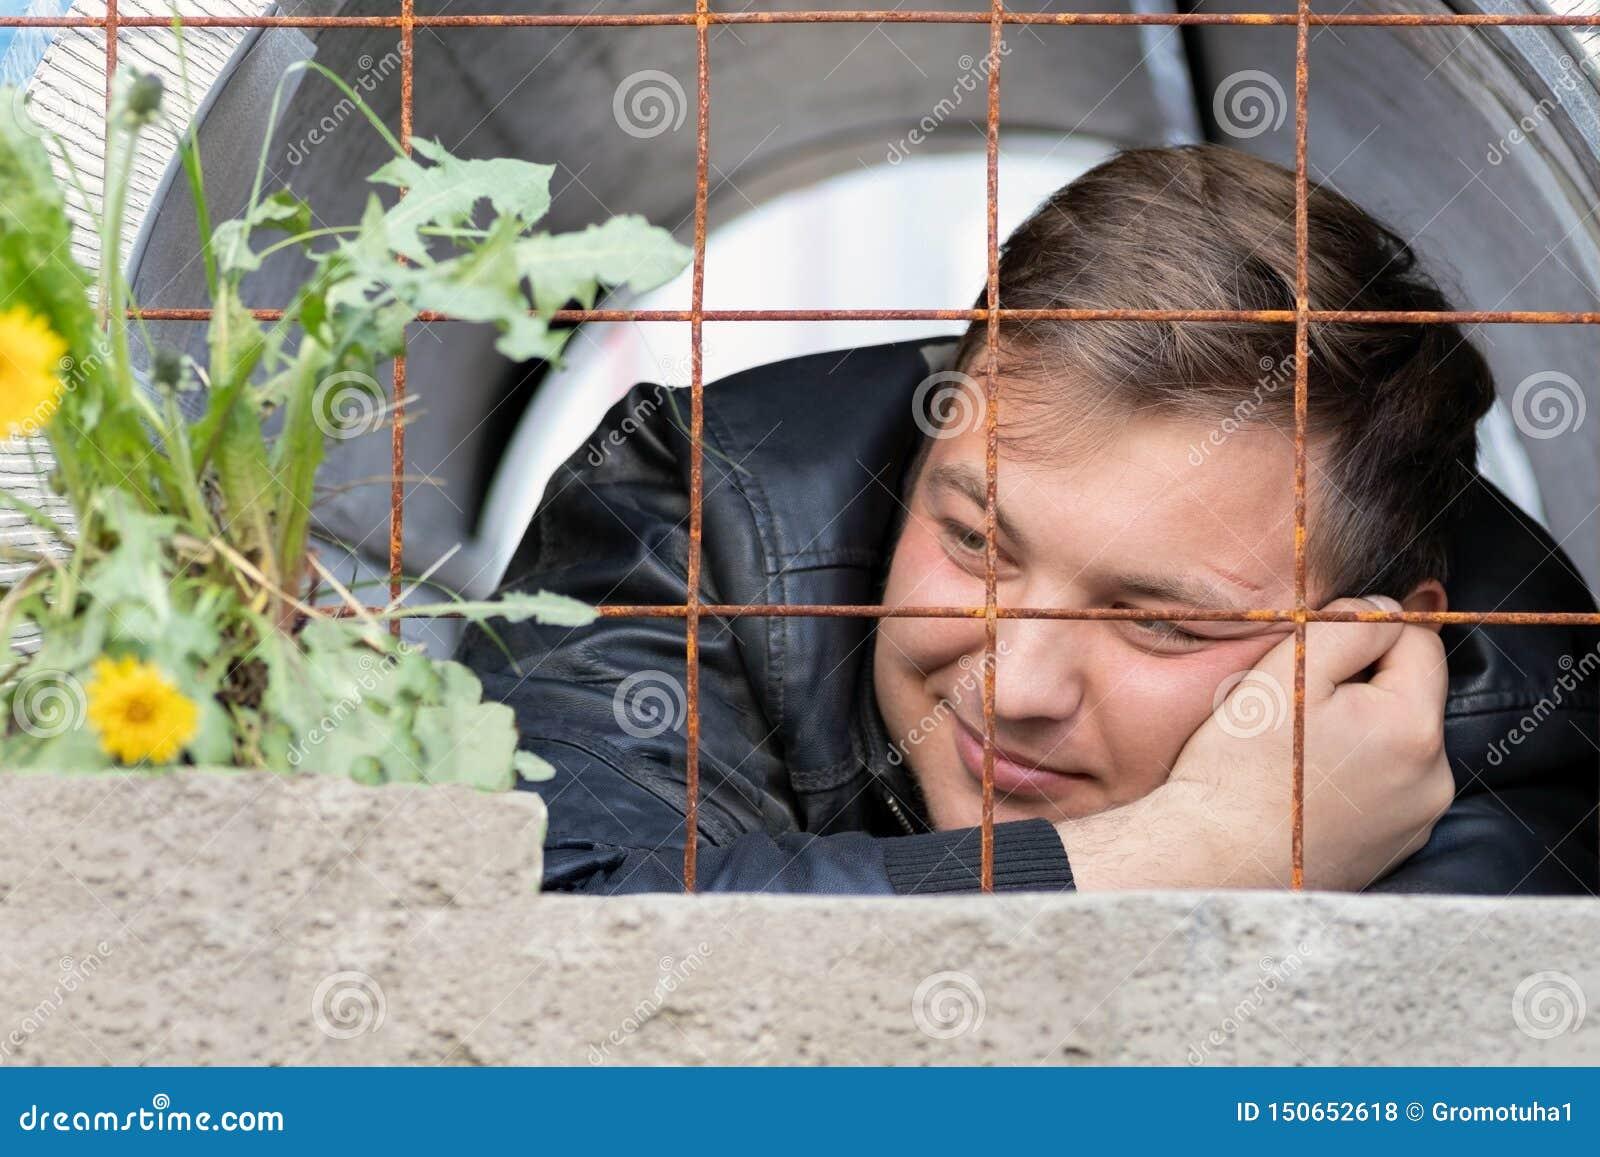 En ung grabb som sitter i fängelset som ser växa bak en rostig gallermaskrosblomma Fångedrömmarna av frihet från